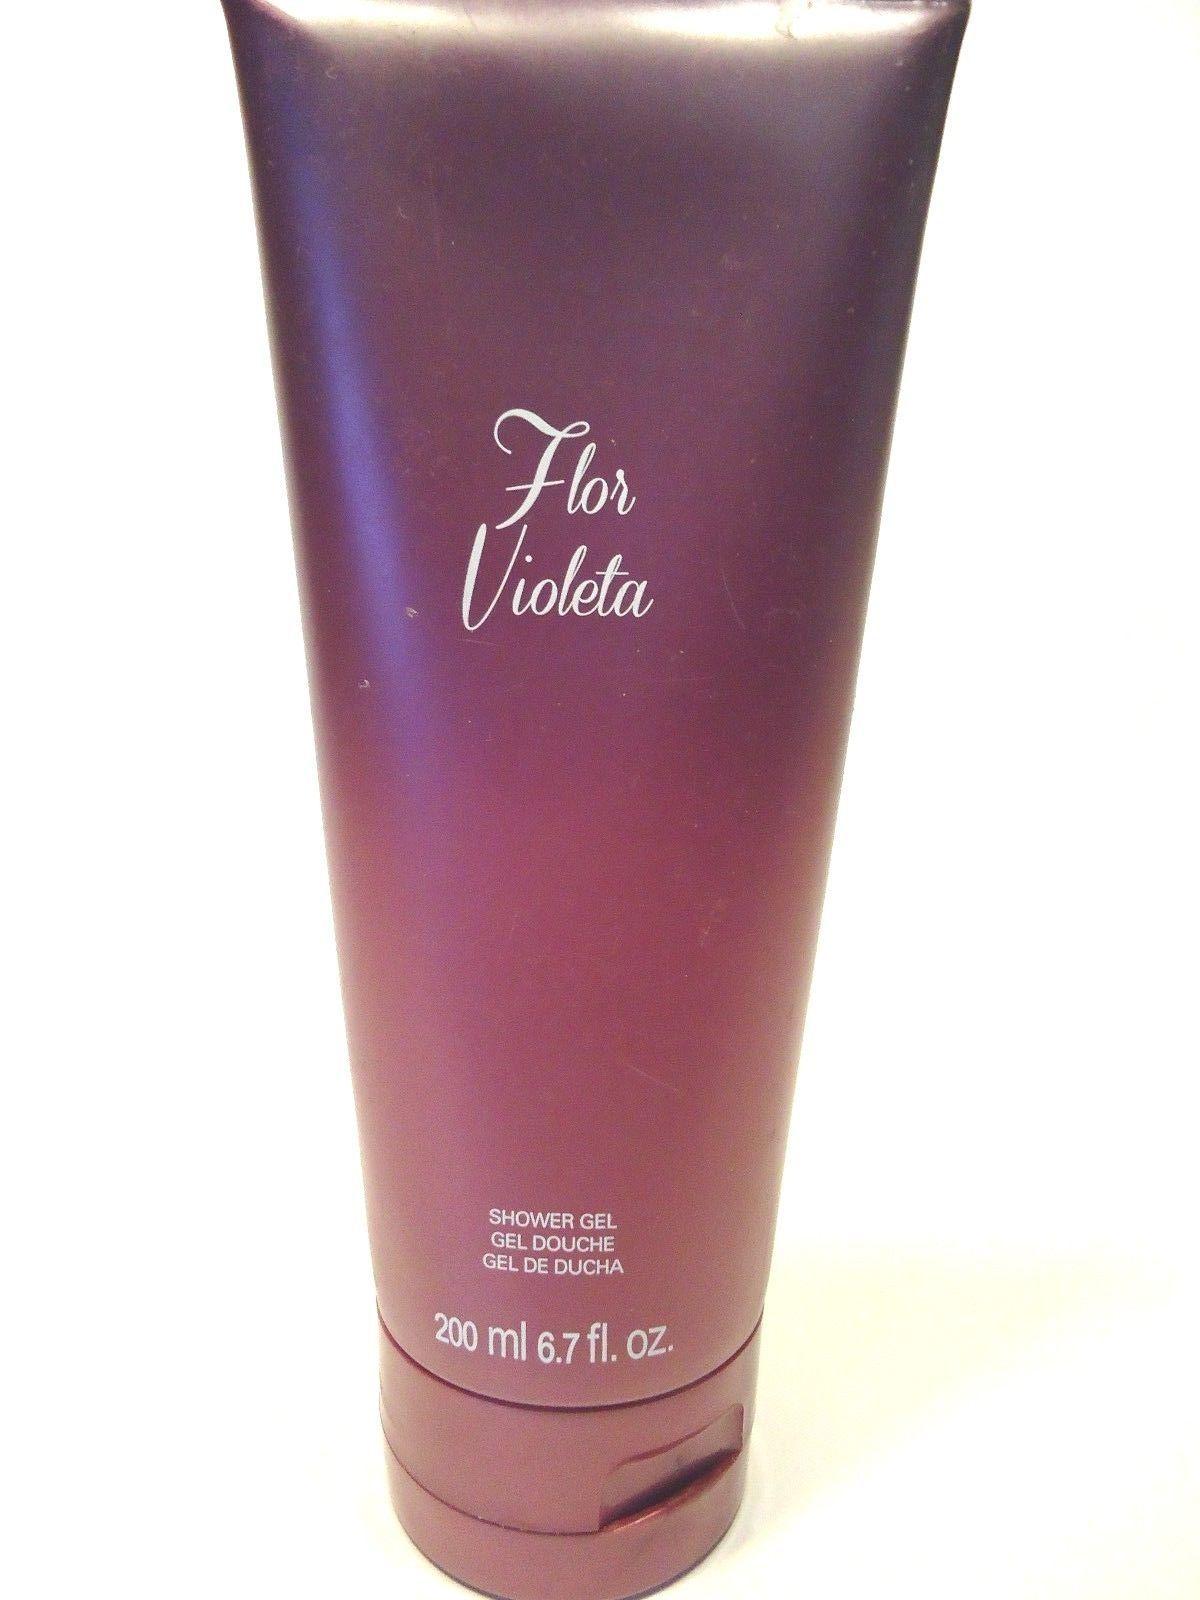 Flor violeta shower gel